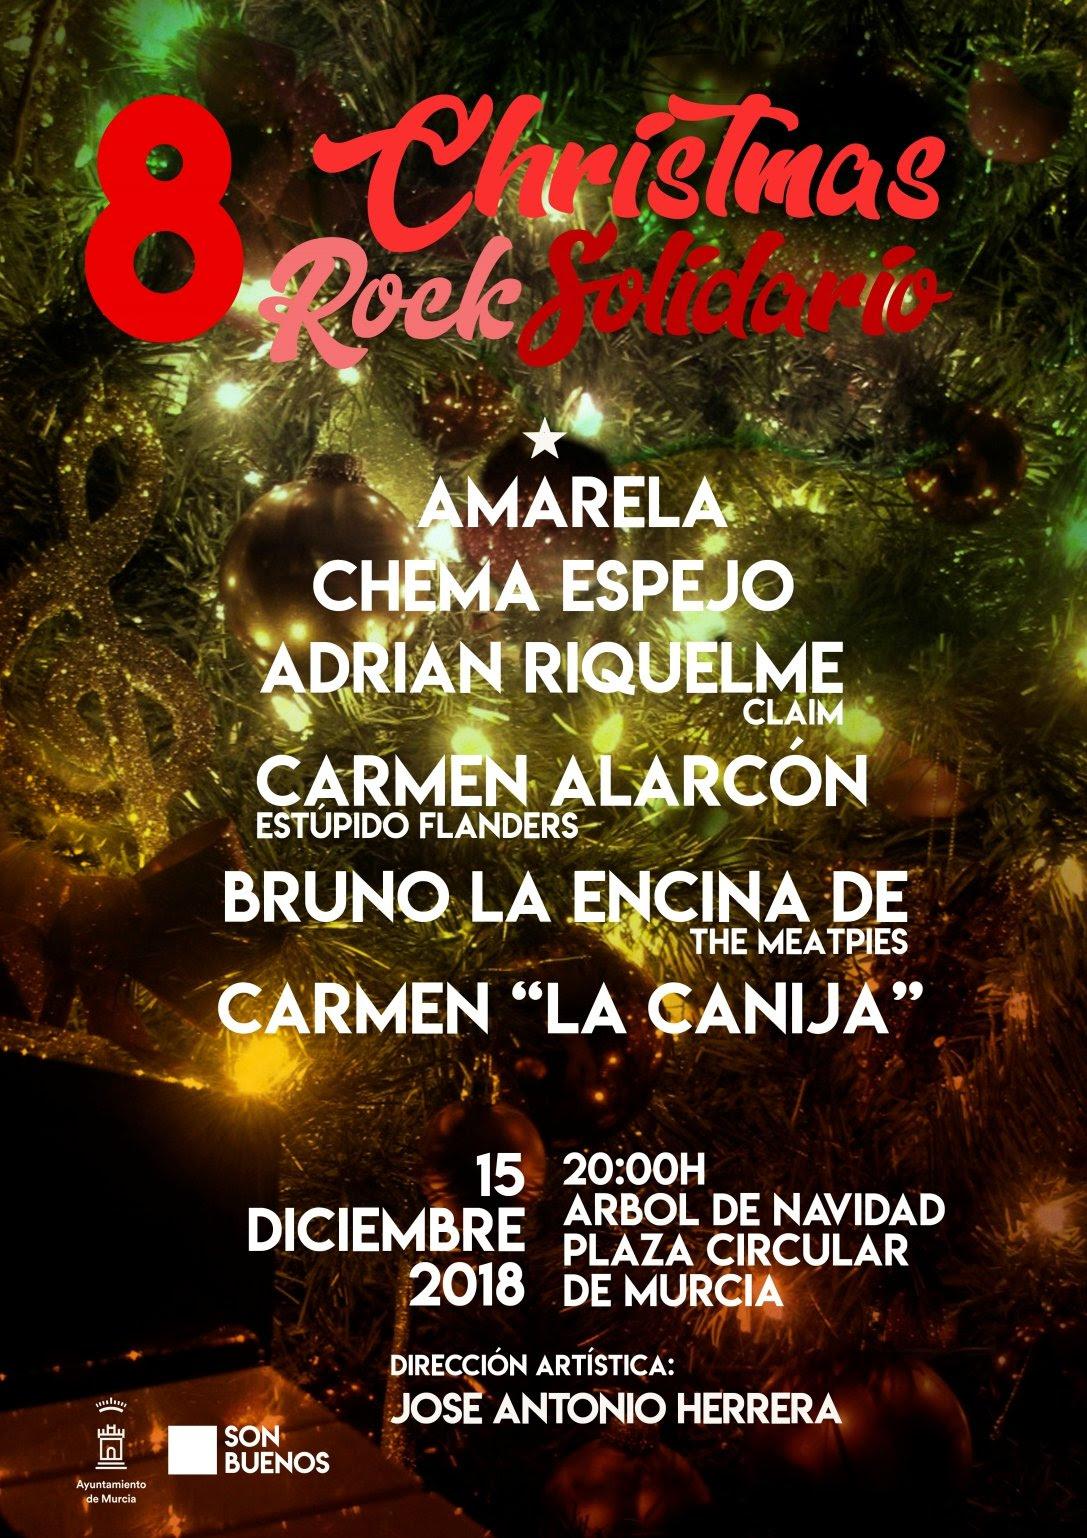 8 Christmas Rock Solidario